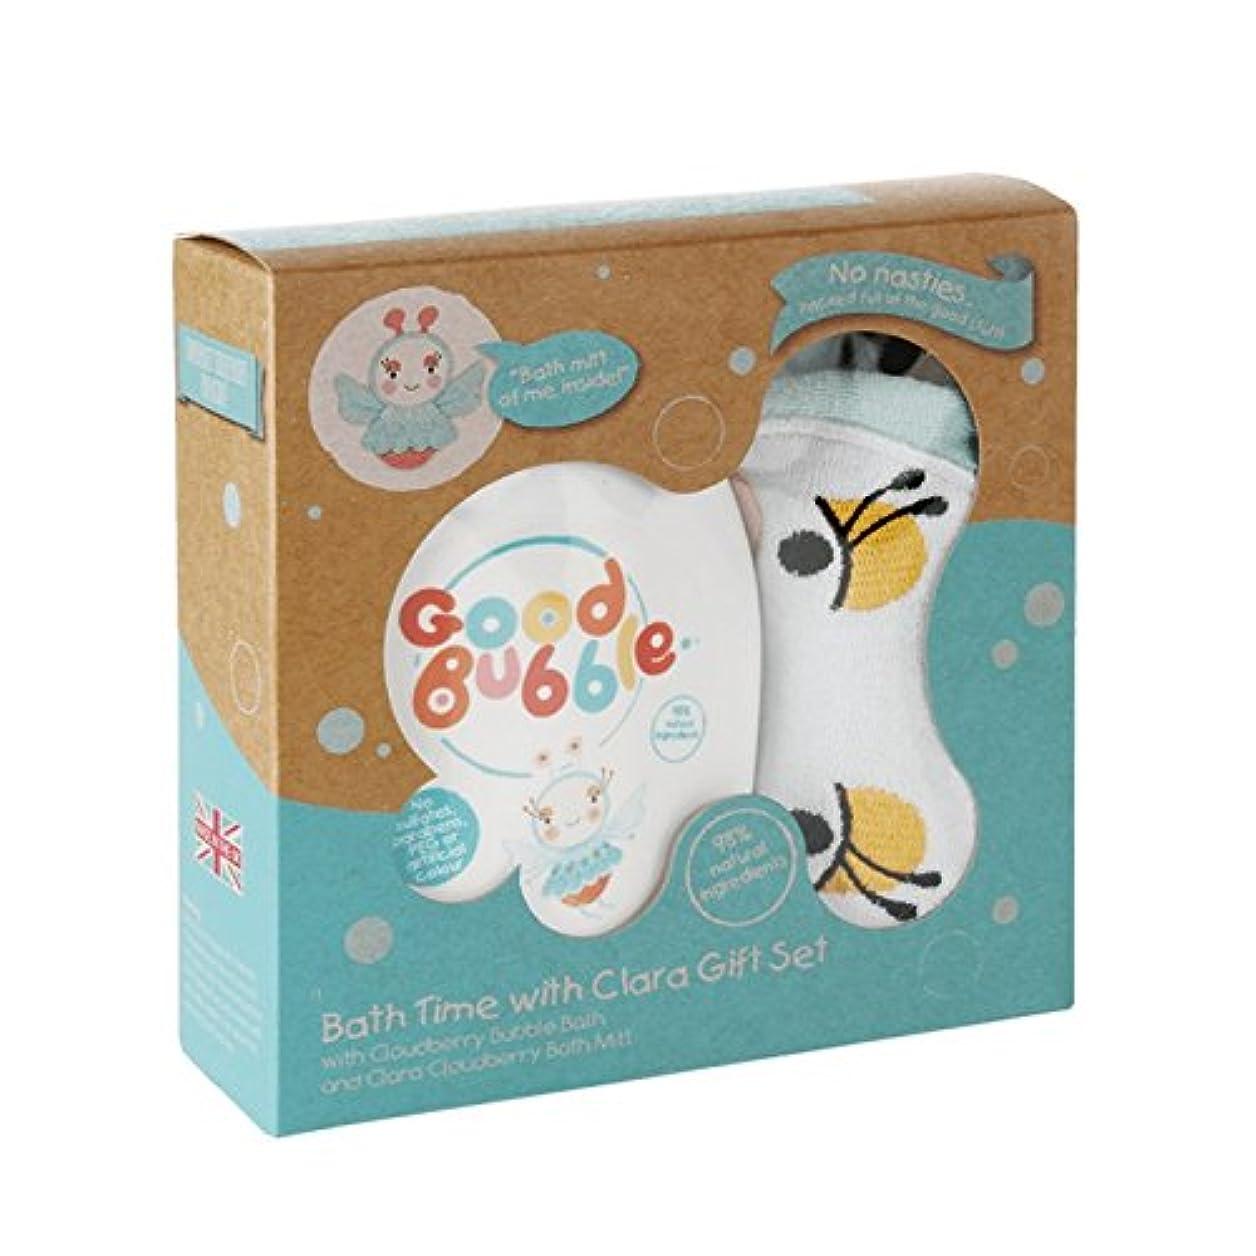 橋負荷シーフード良いバブルクララクラウドベリーギフトセット550グラム - Good Bubble Clara Cloudberry Gift Set 550g (Good Bubble) [並行輸入品]